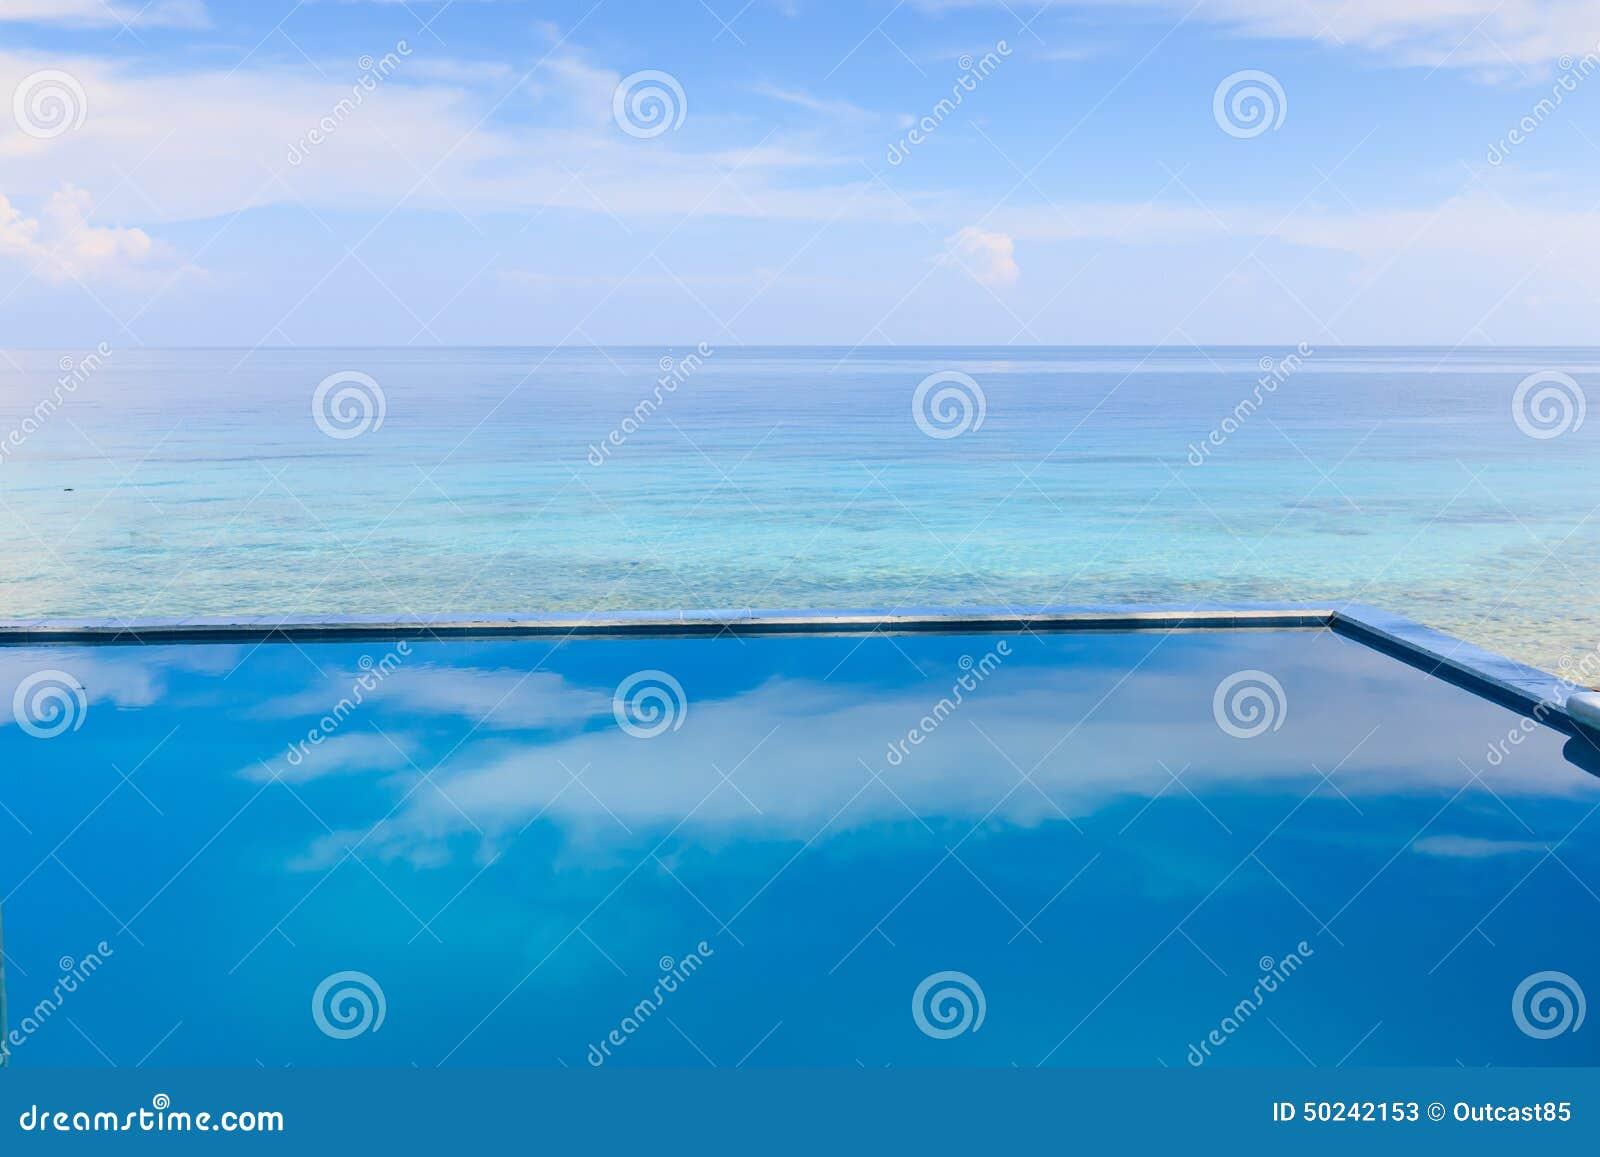 Infinity Pool Overlooking The Sea Stock Image